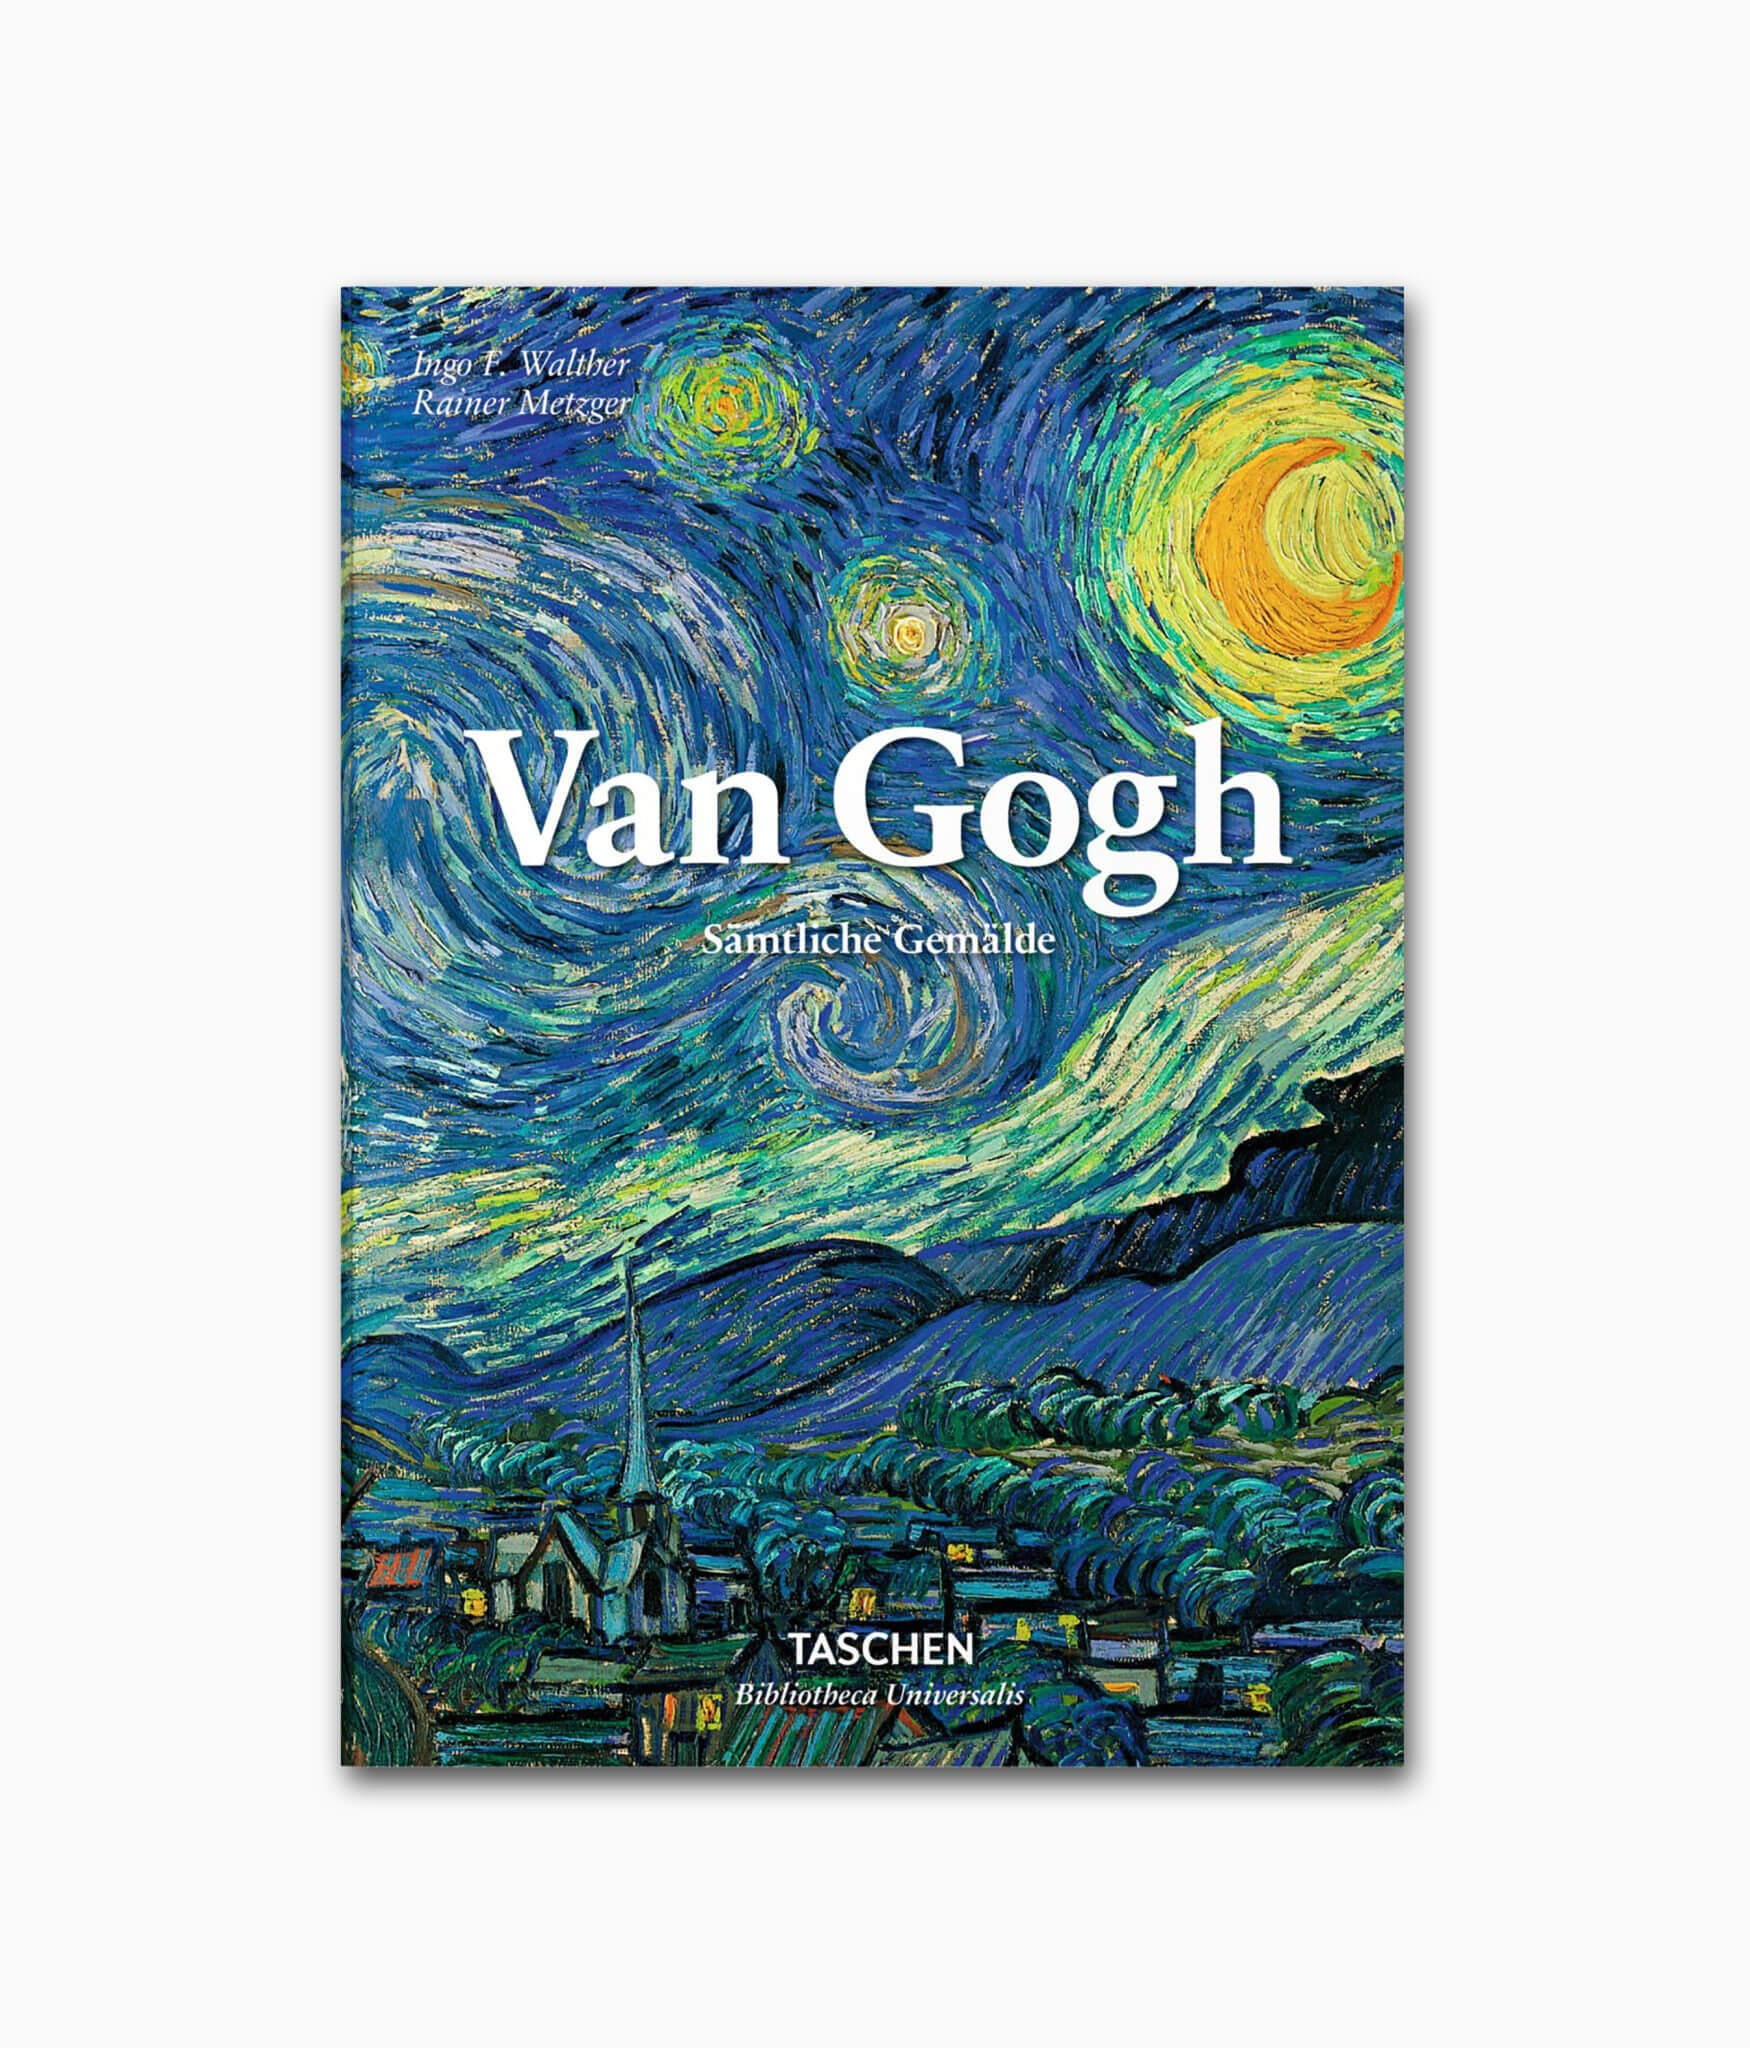 van Gogh Sämtliche Gemälde Buchcover